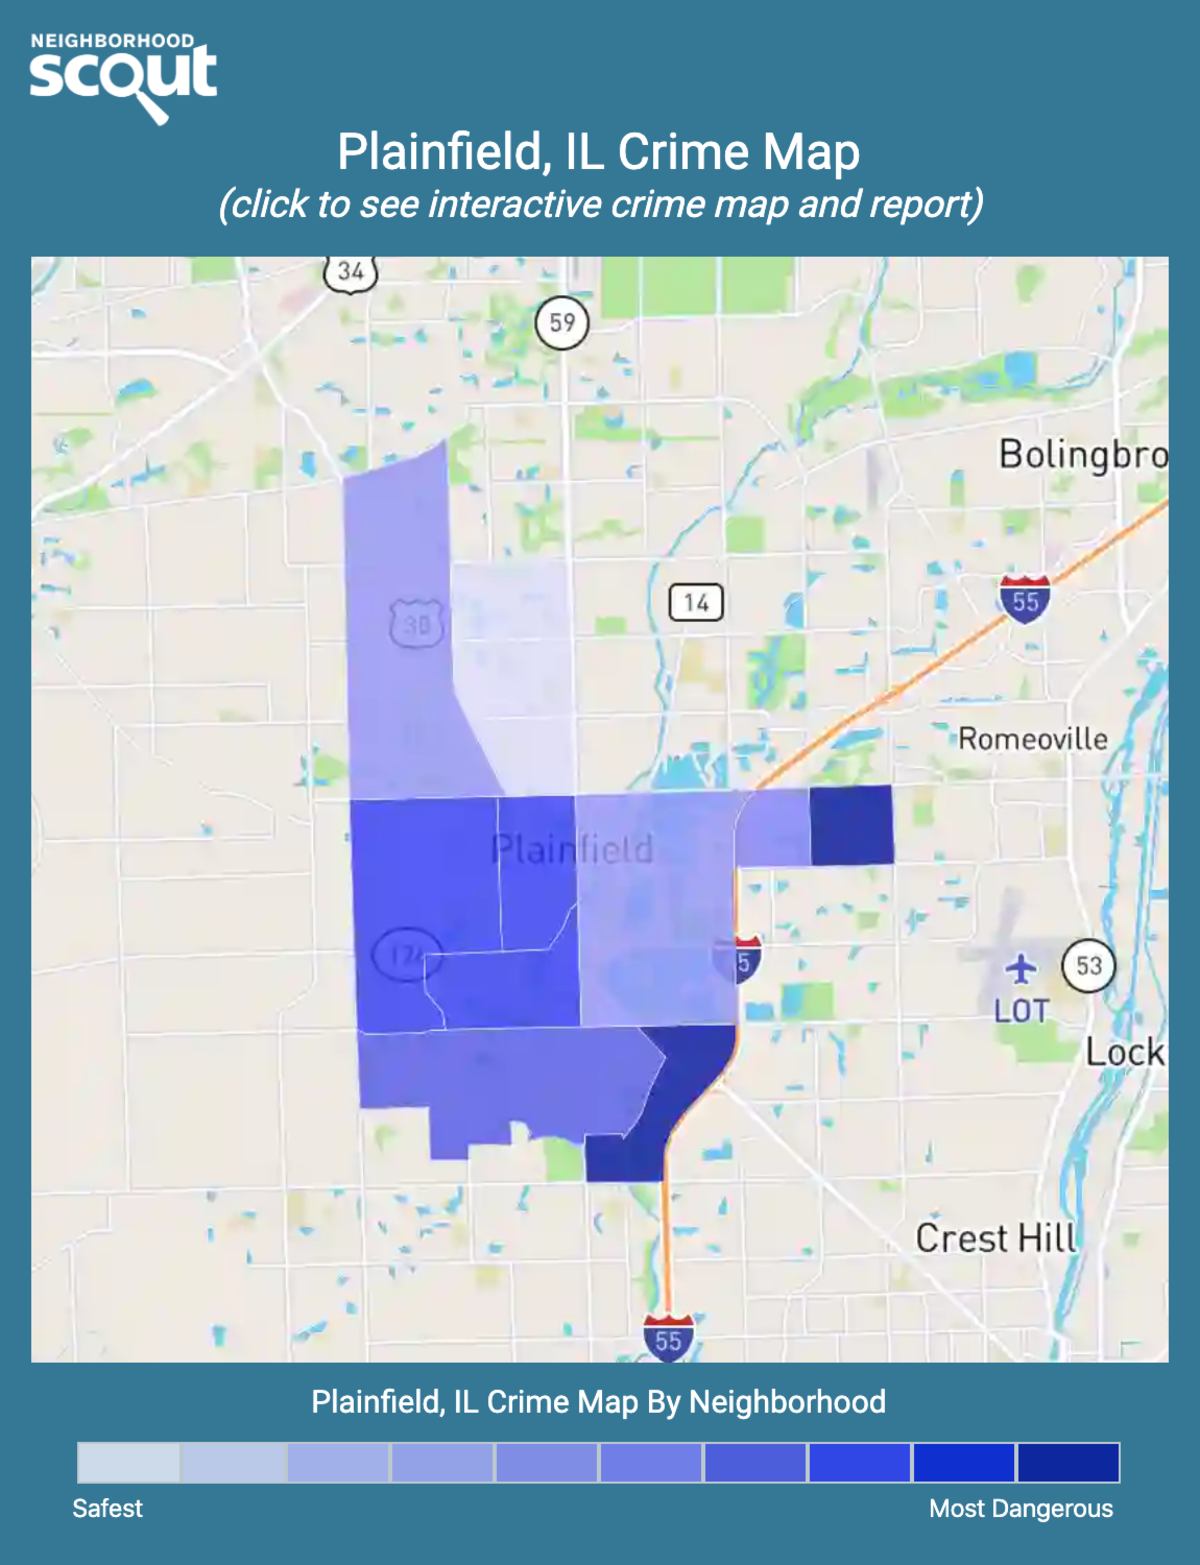 Plainfield, Illinois crime map